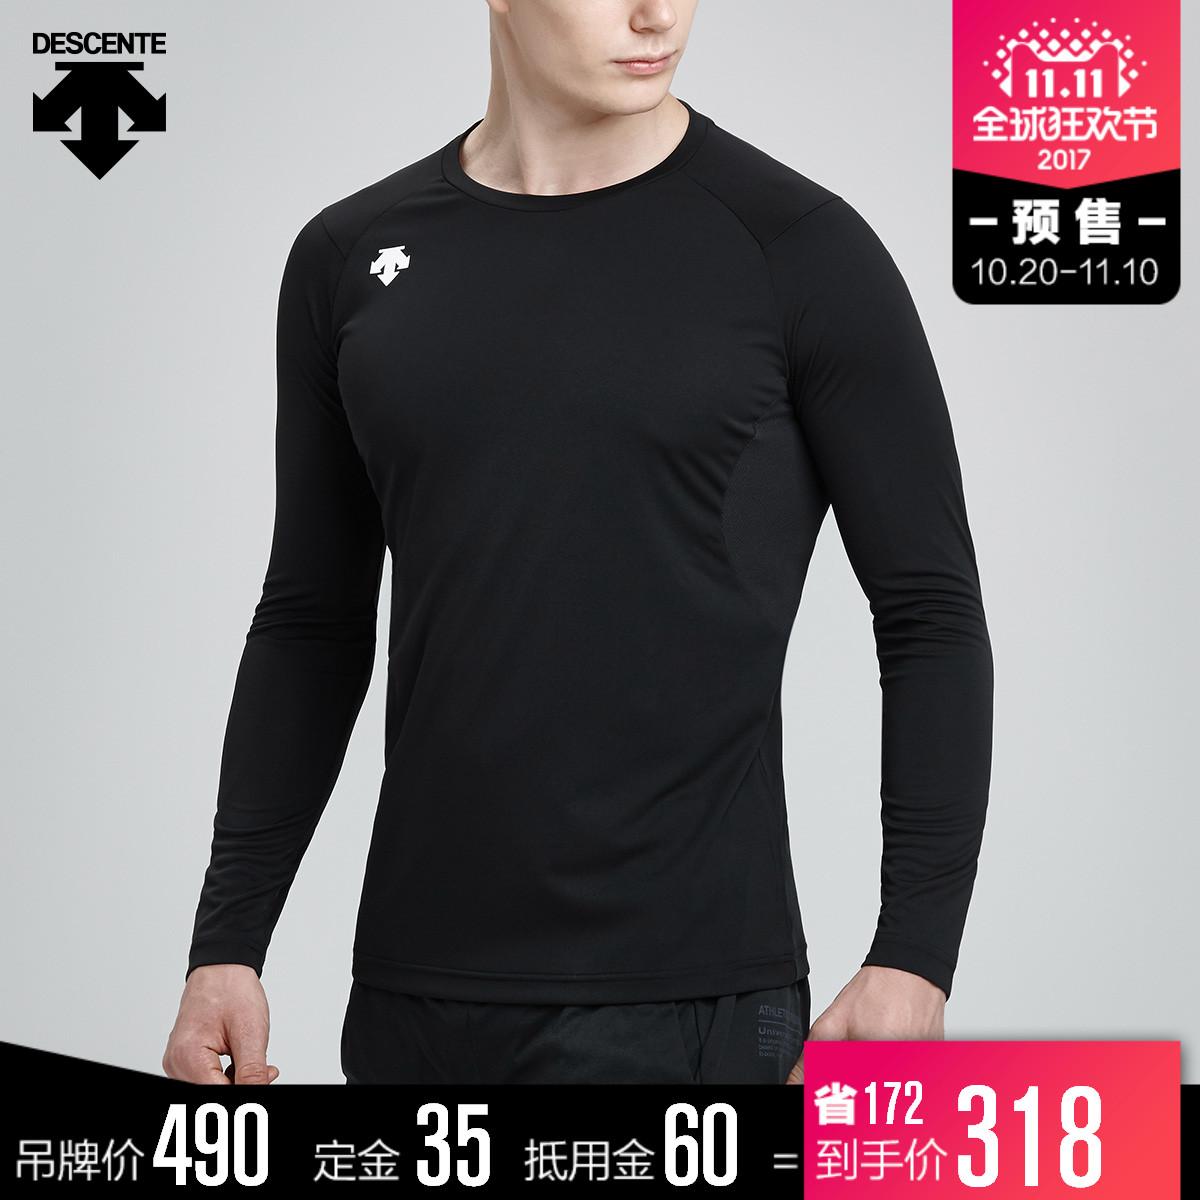 【双11预售定金35抵60到手价318】迪桑特男款运动圆领套头长袖T恤